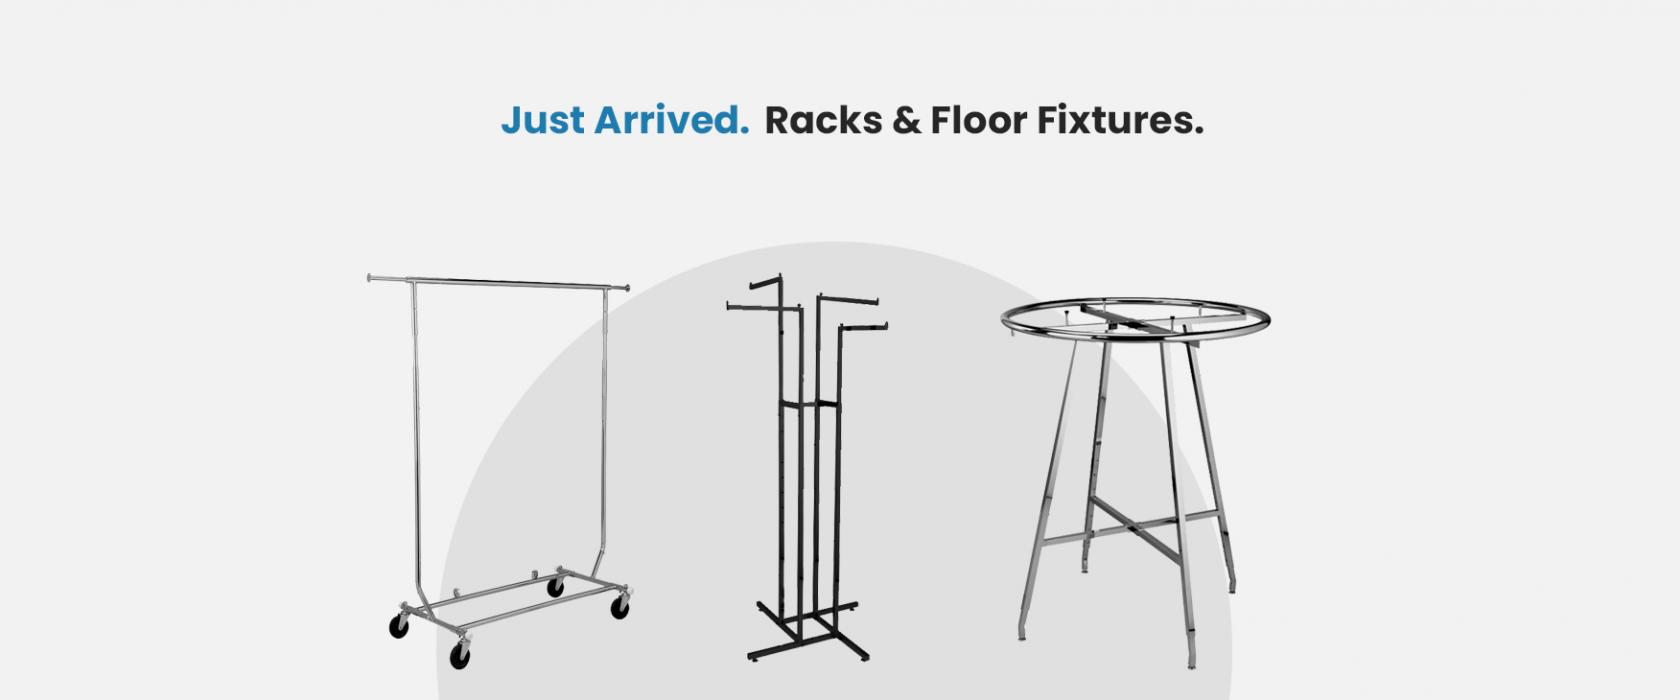 Shop Racks & Floor Fixtures